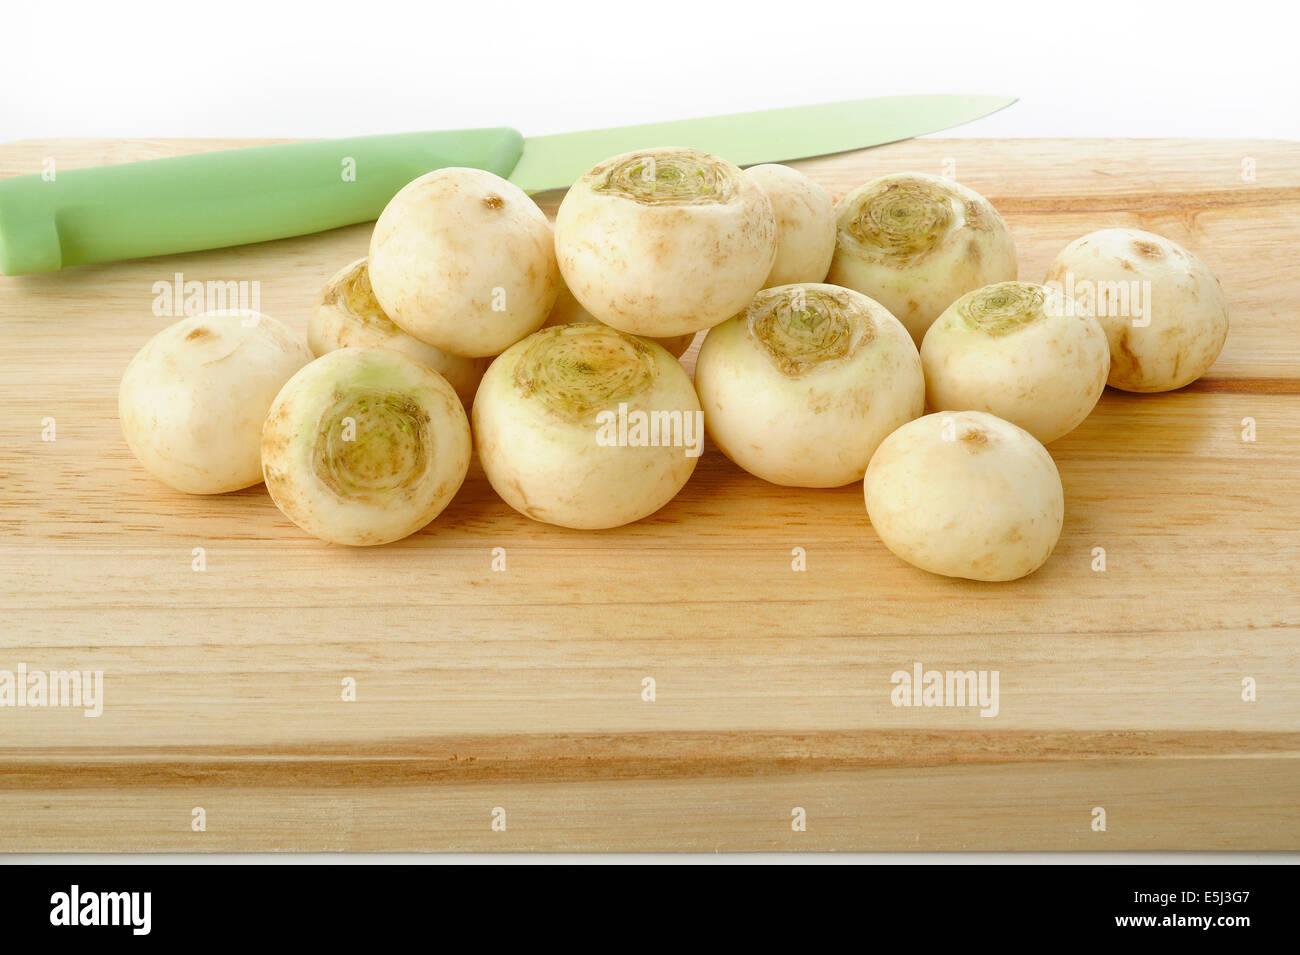 Le navet sur conseil cuisine en bois Photo Stock